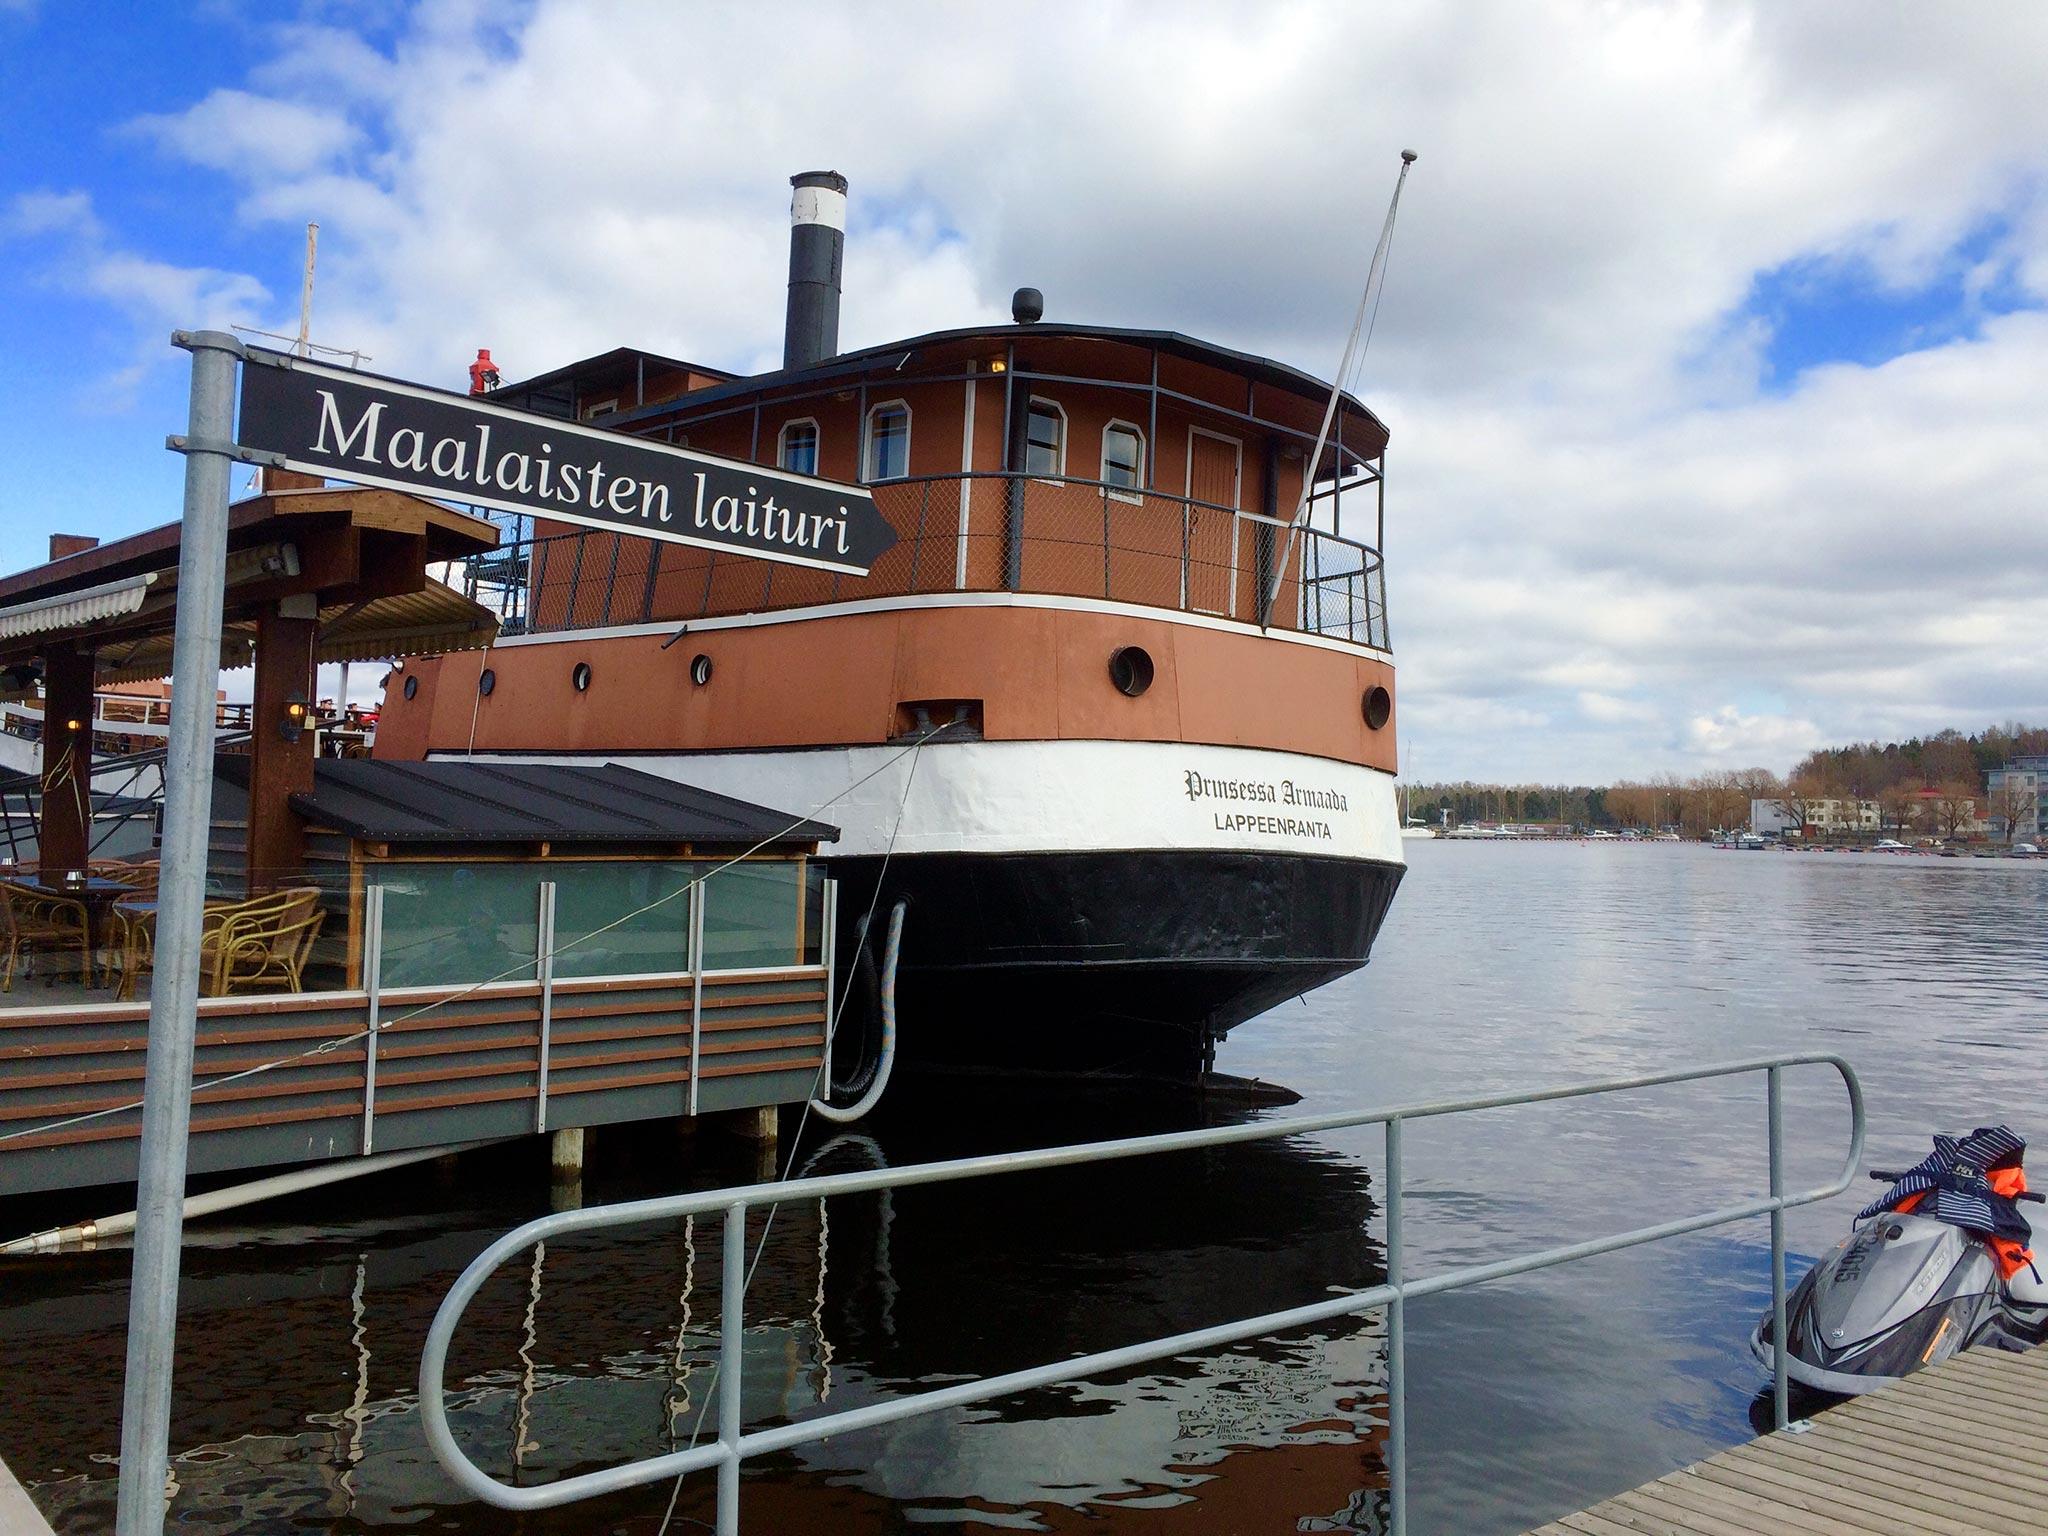 Kuva: Laivaravintola Prinsessa Armaada, Lappeenranta